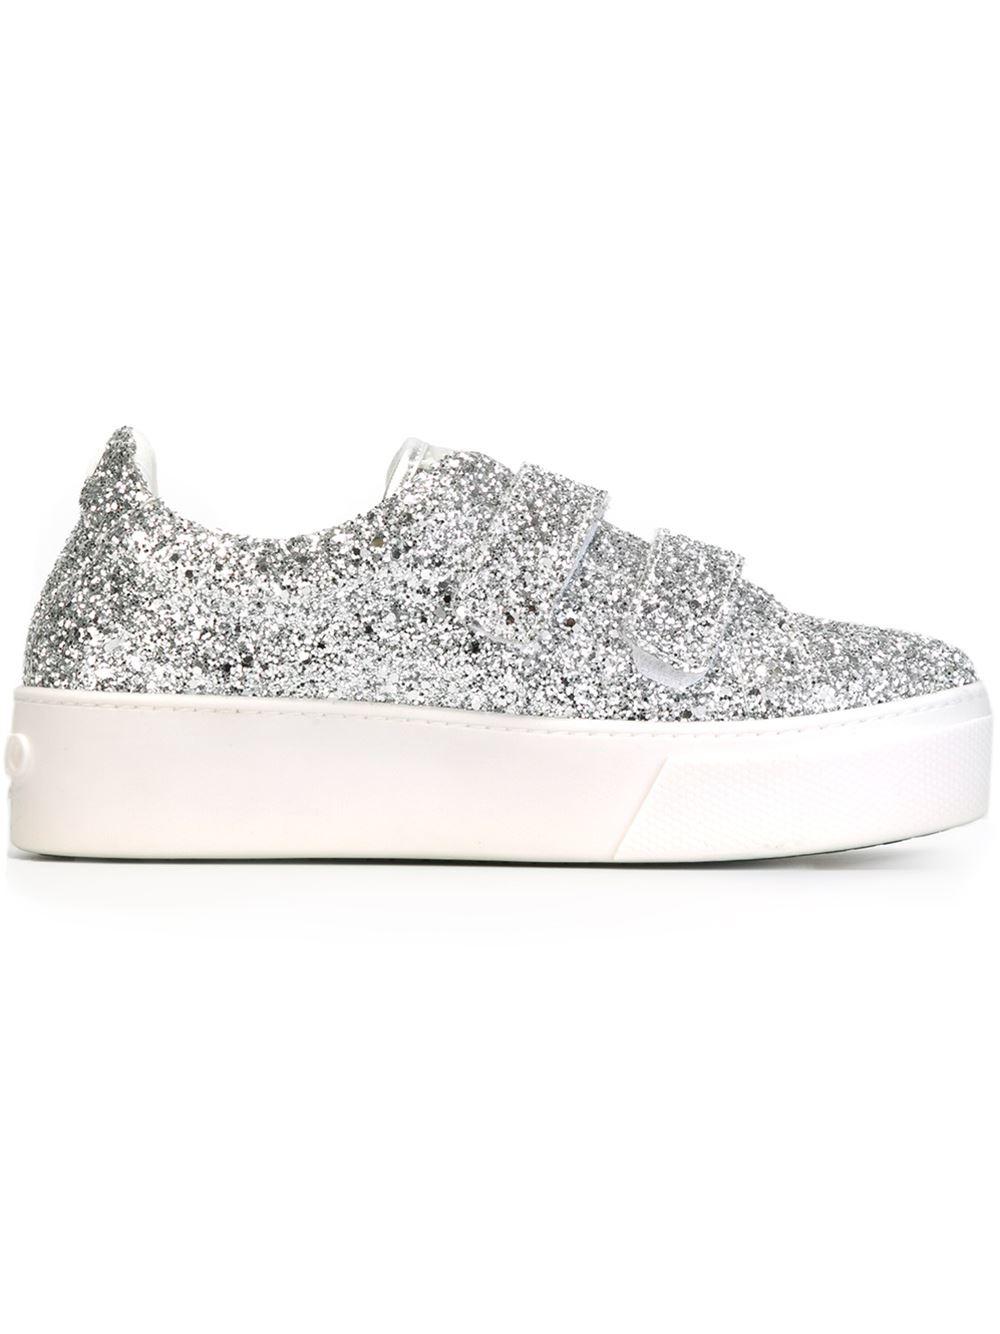 KENZO Glitter Platform Sneakers in